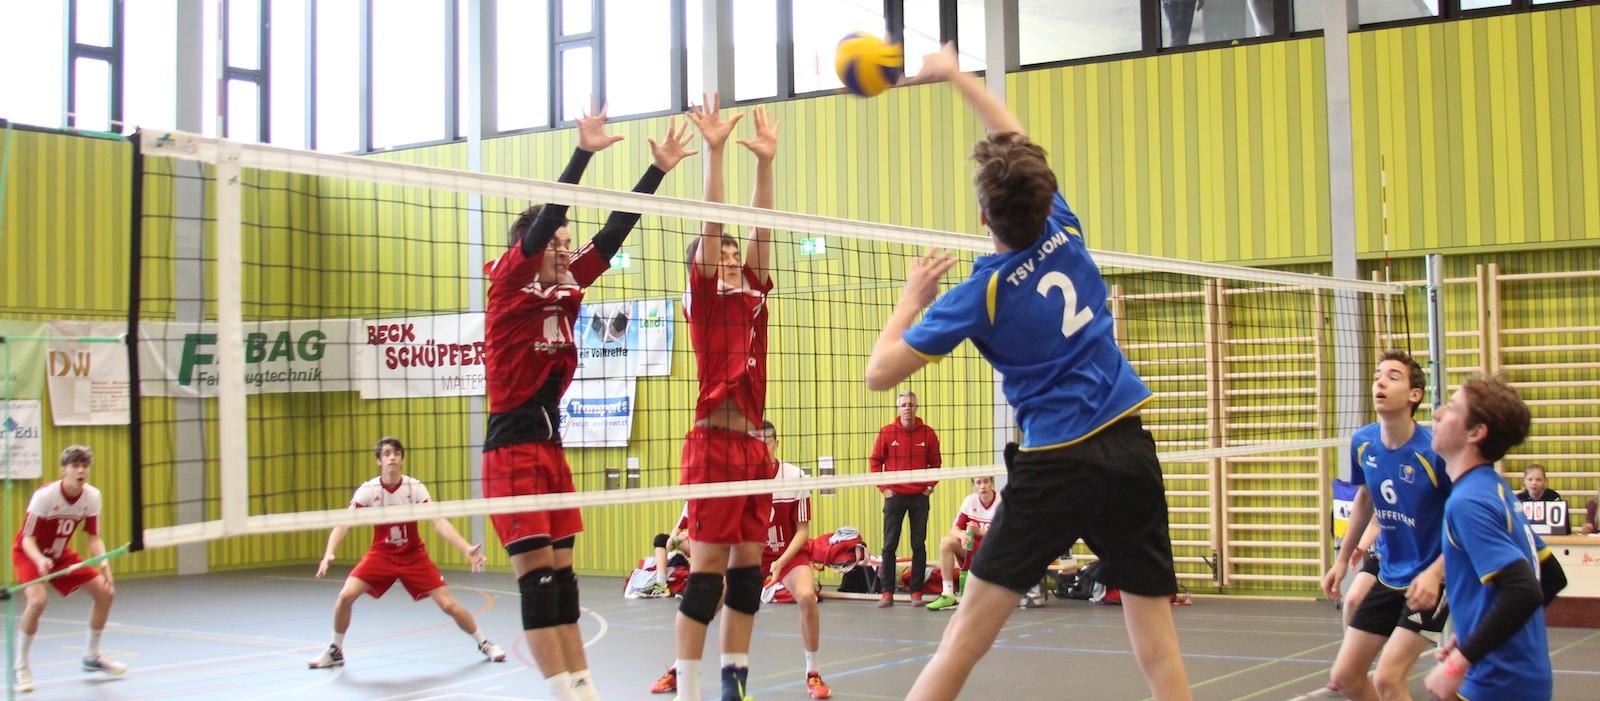 U17 Junioren qualifizieren sich für die Schweizermeisterschaft